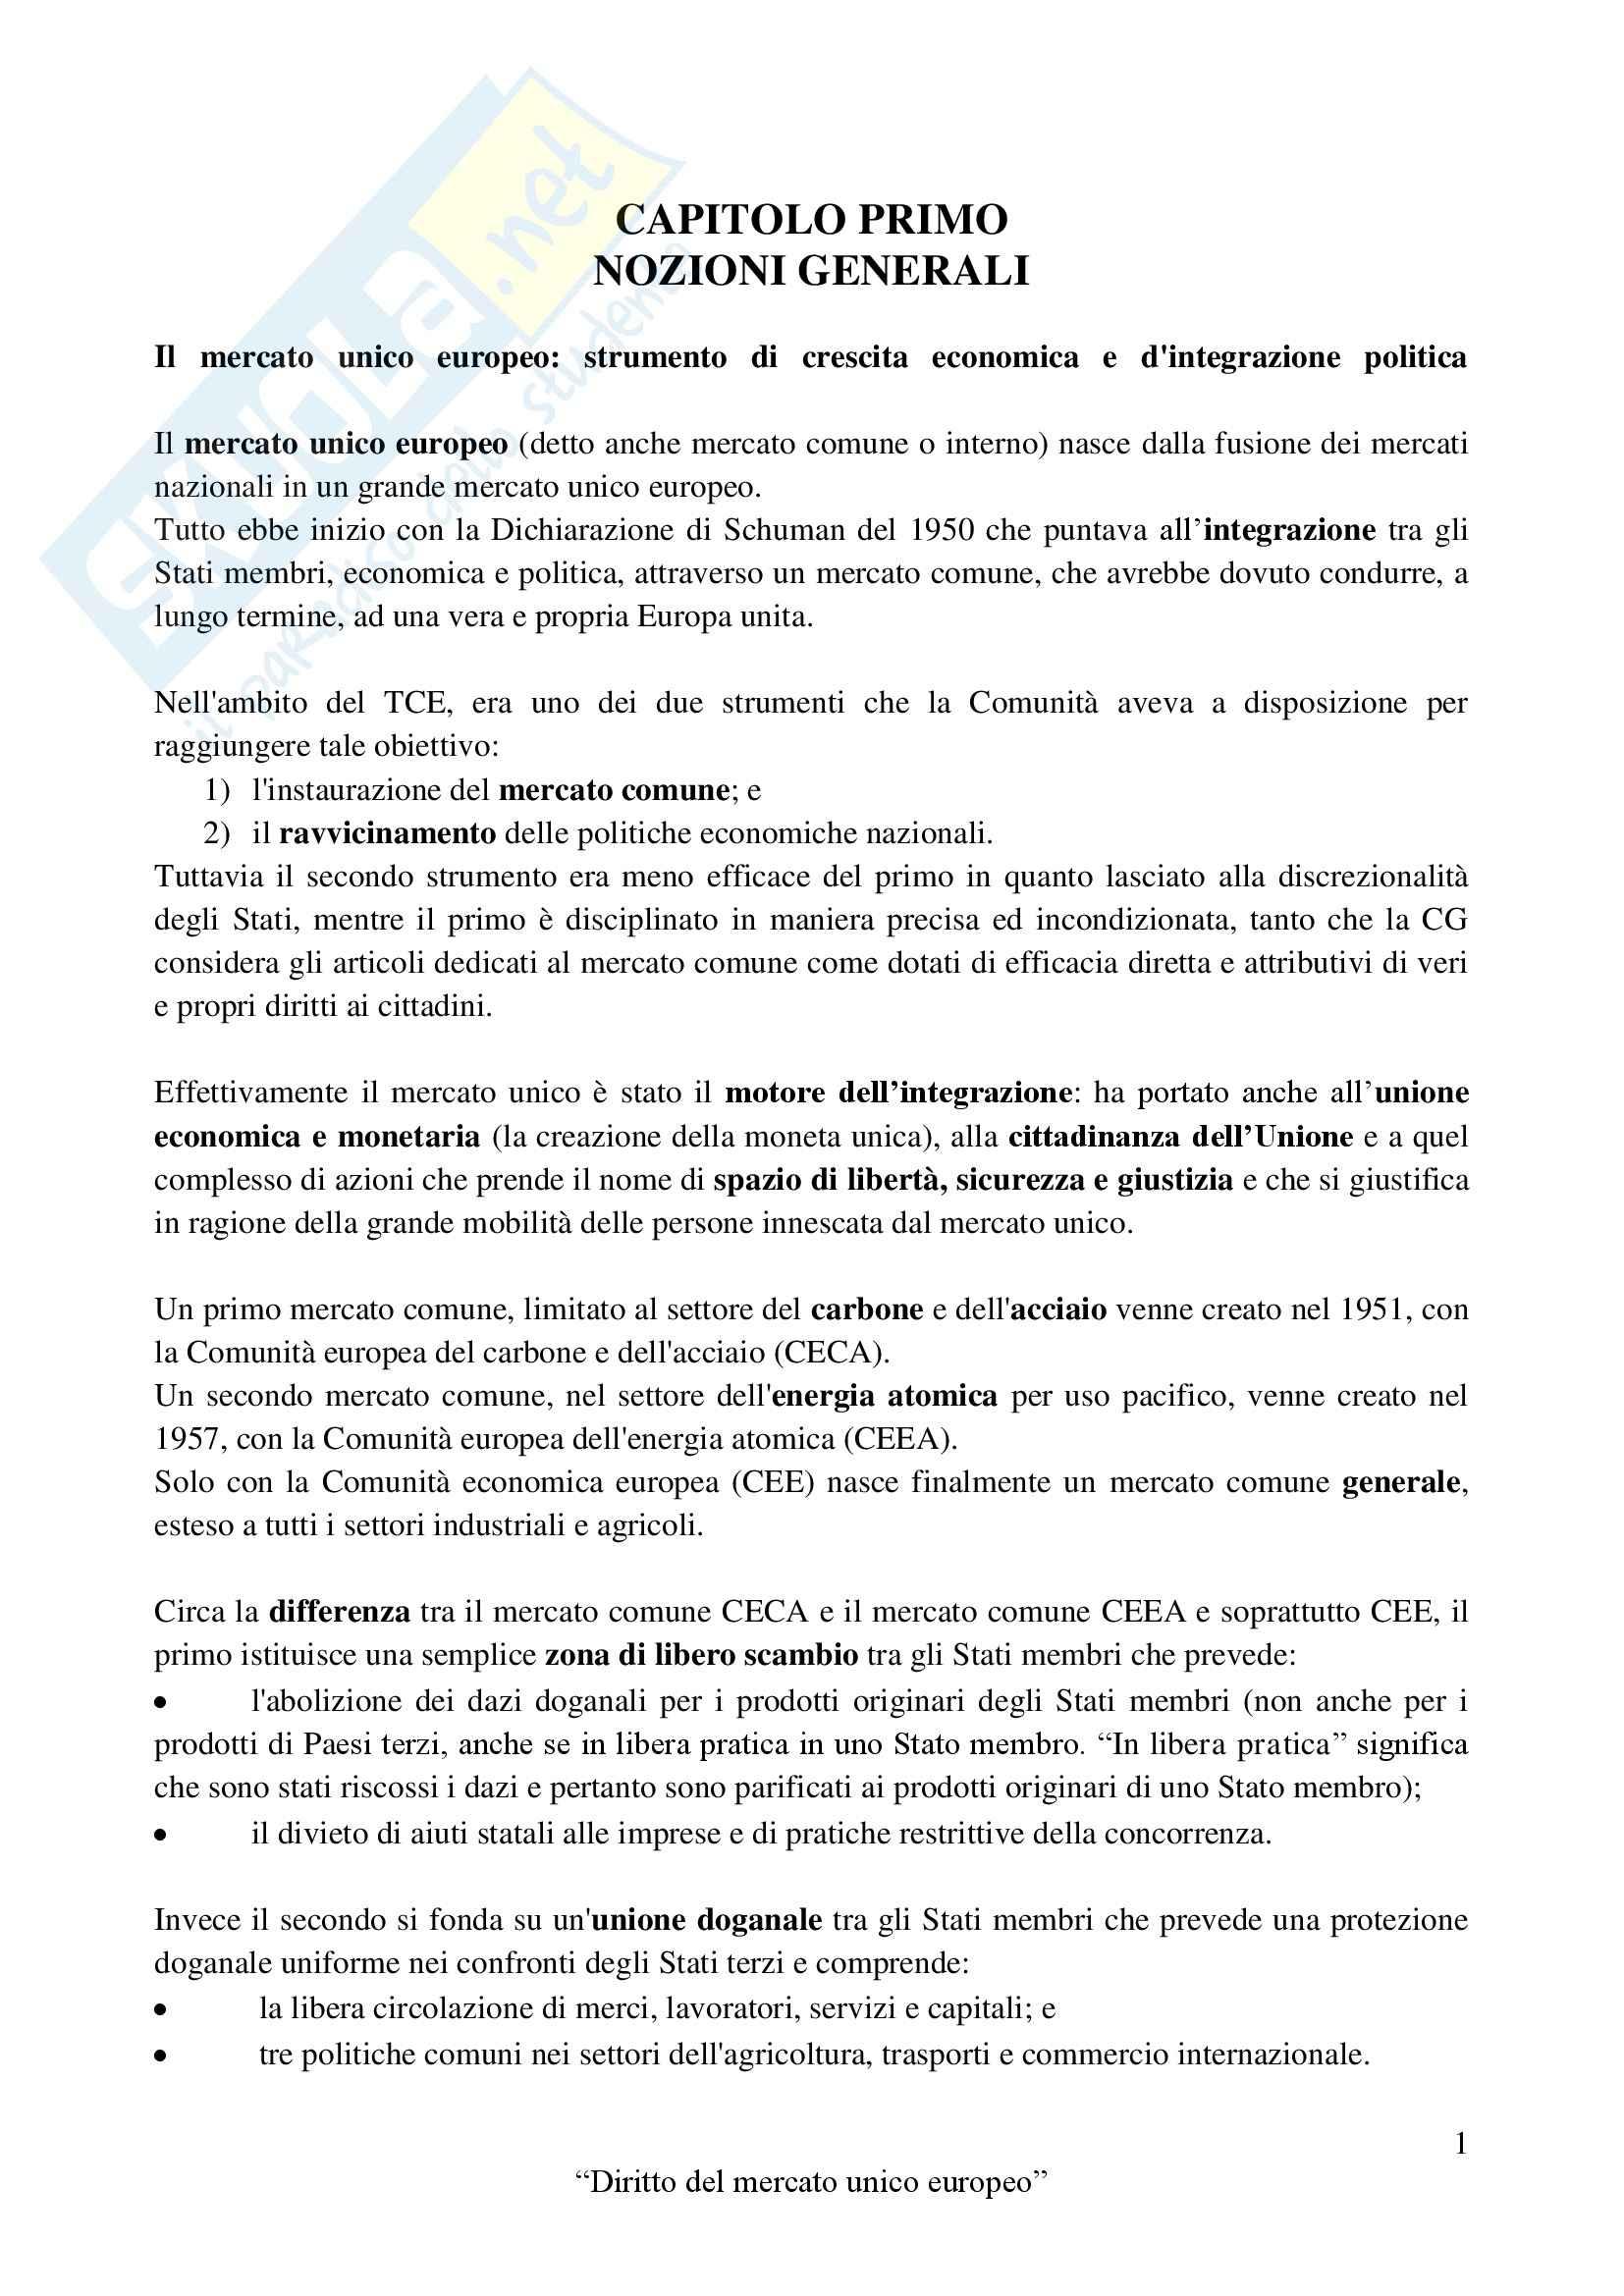 Riassunto esame Diritto dell'Unione Europea, prof. Schepisi, libro consigliato Diritto del Mercato Unico Europeo, Daniele aggiornati Pag. 2